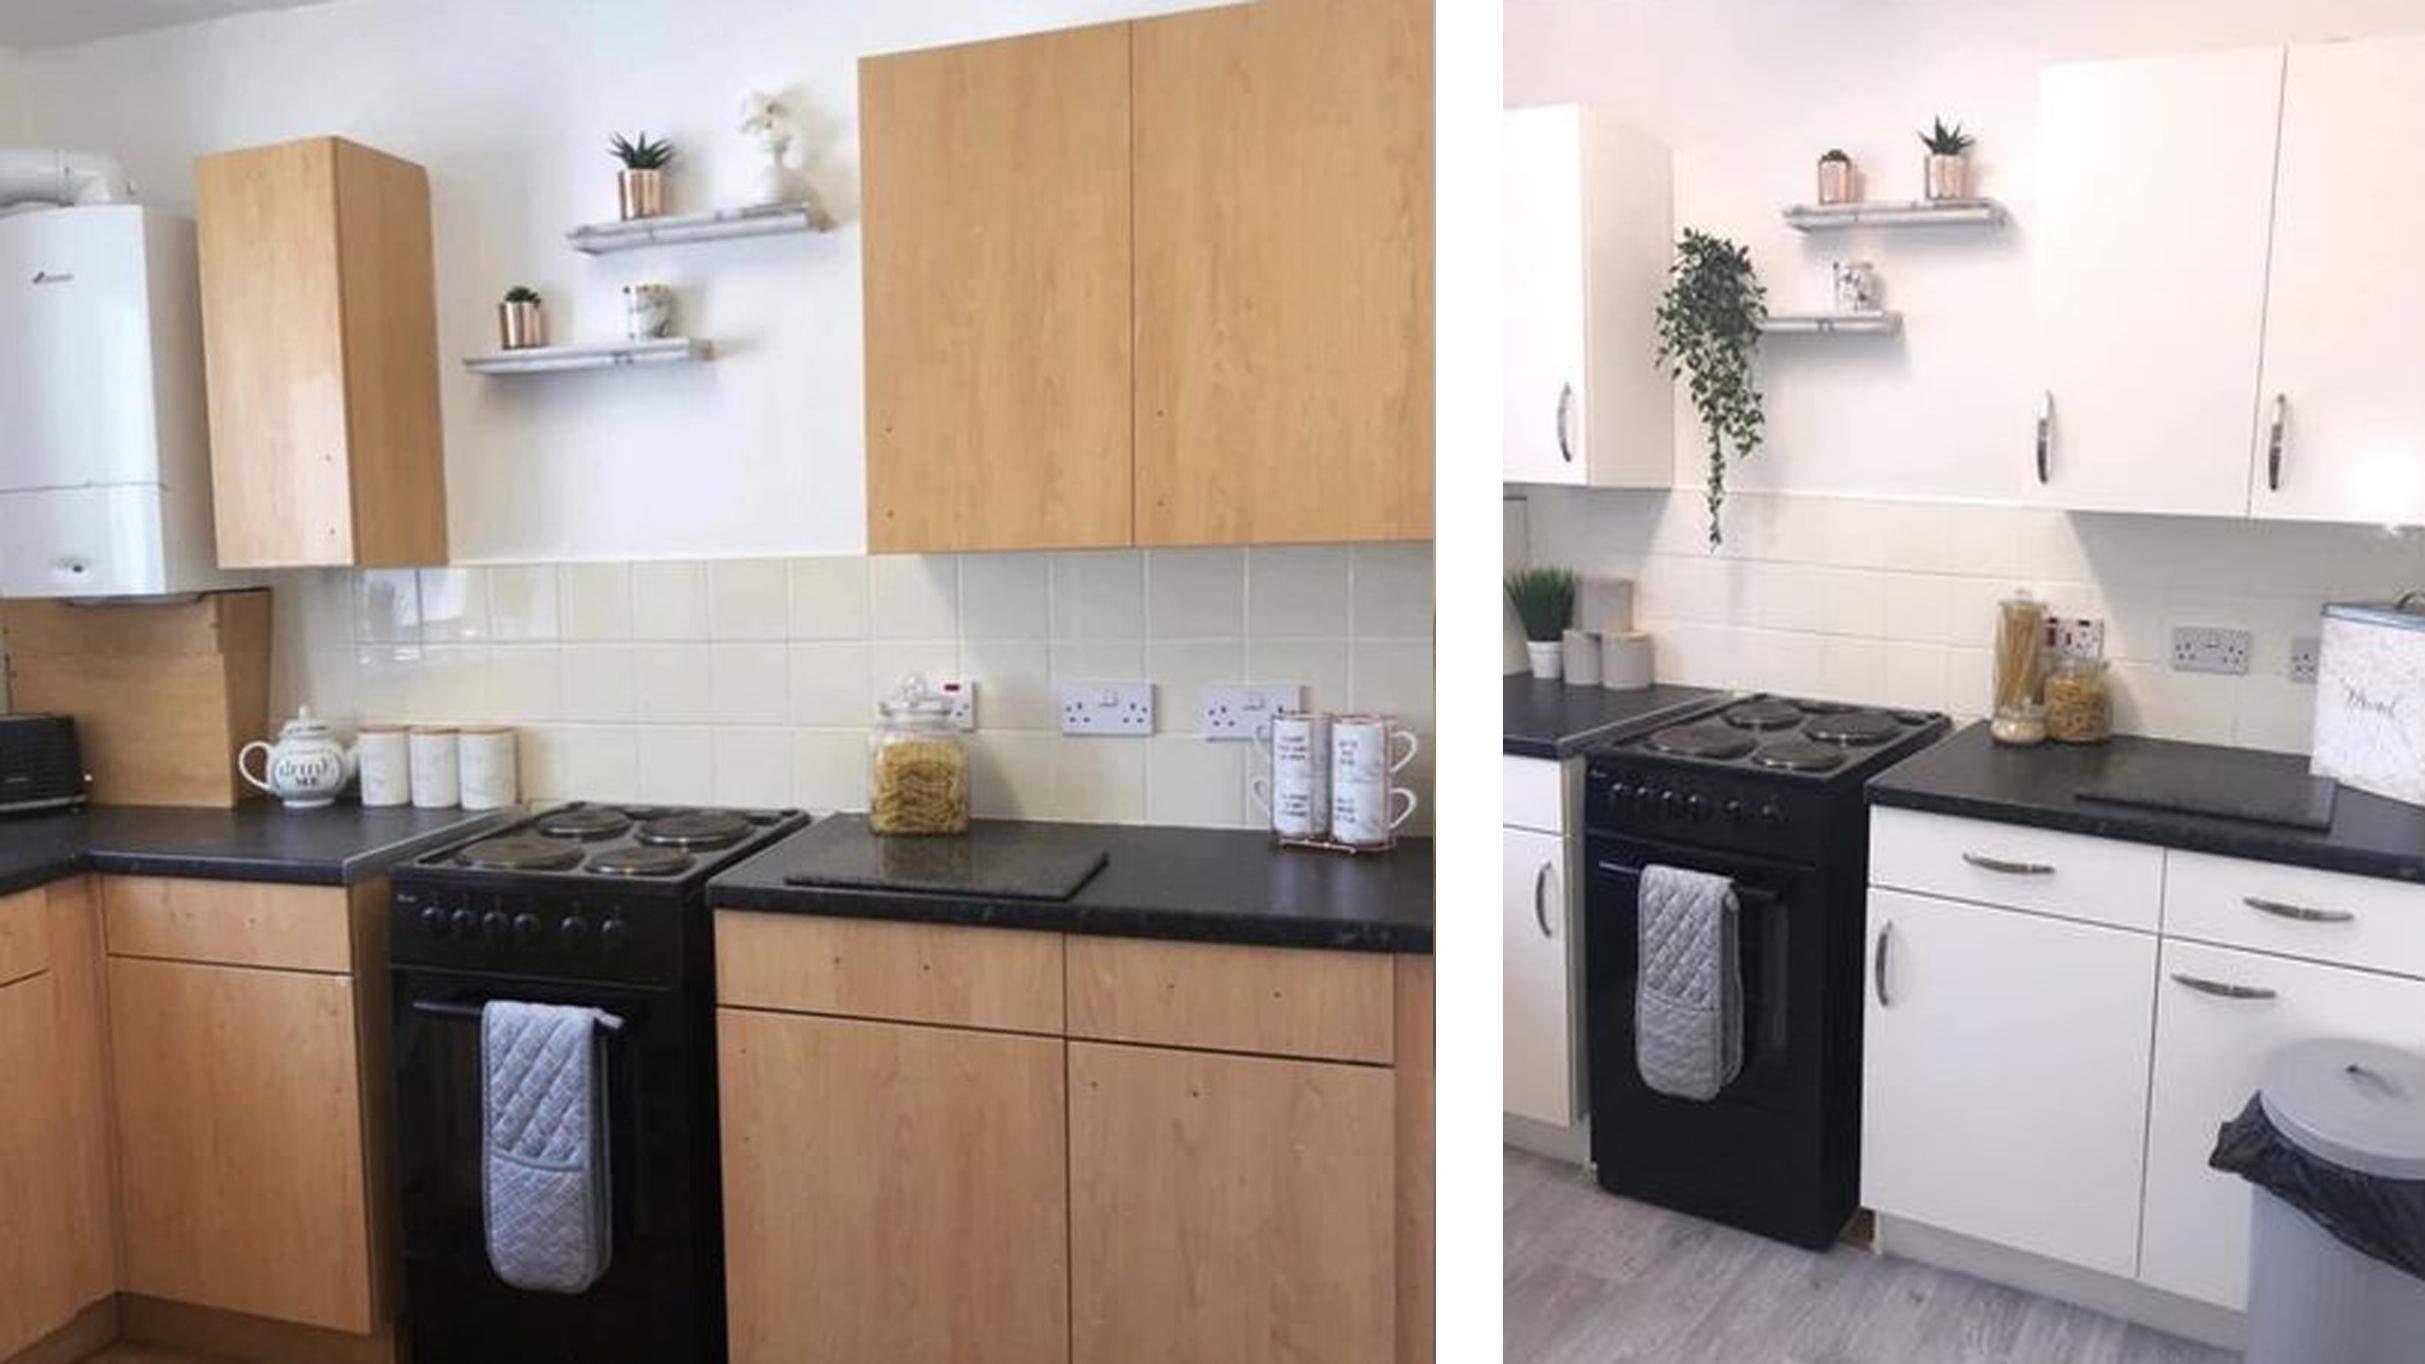 Із квартири з голими стінами у затишний дім: пара поділилася результатом самостійного ремонту